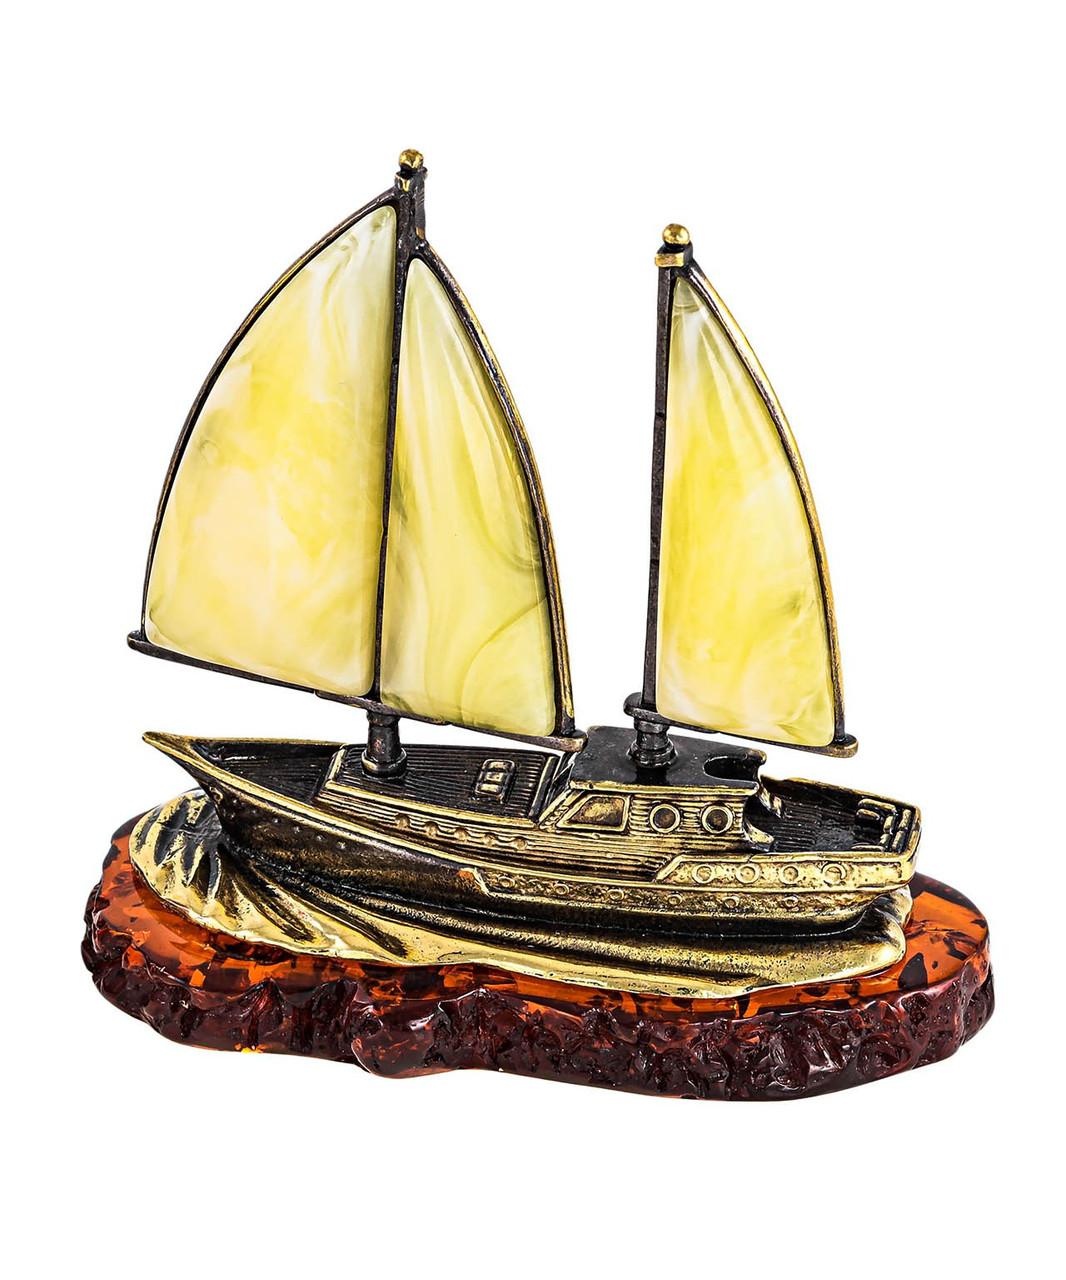 Сувенир Корабль Попутный ветер на подставке из янтаря. Ручная работа